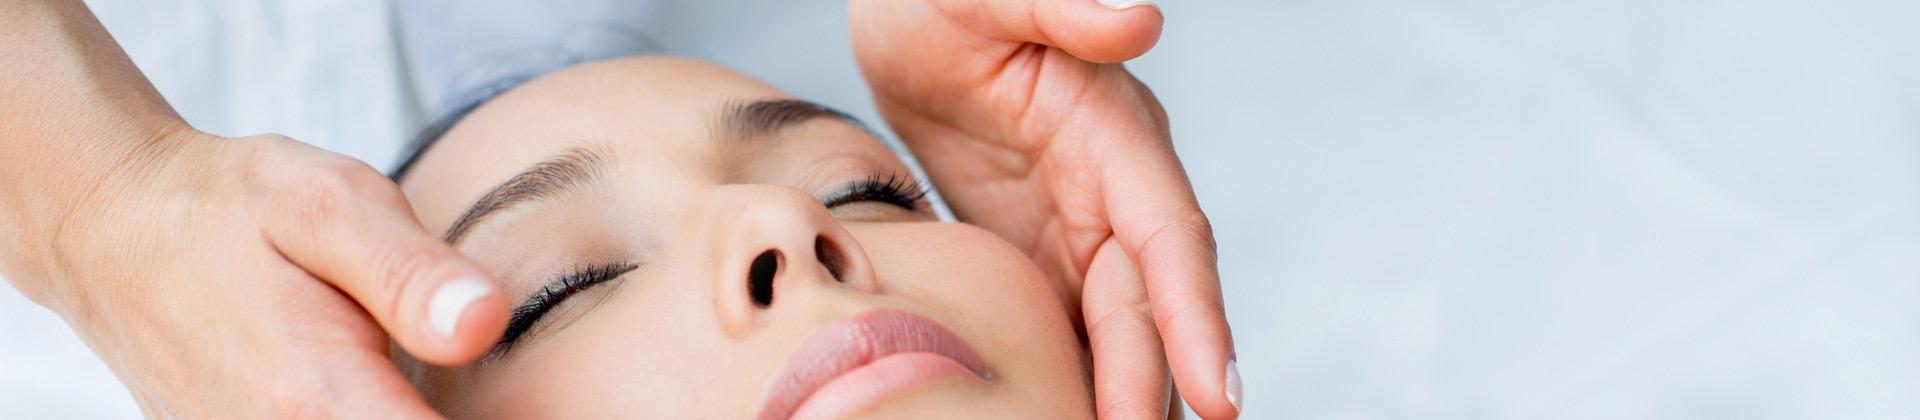 Découvrez la formation Bac pro esthétique parfumerie et cosmétique